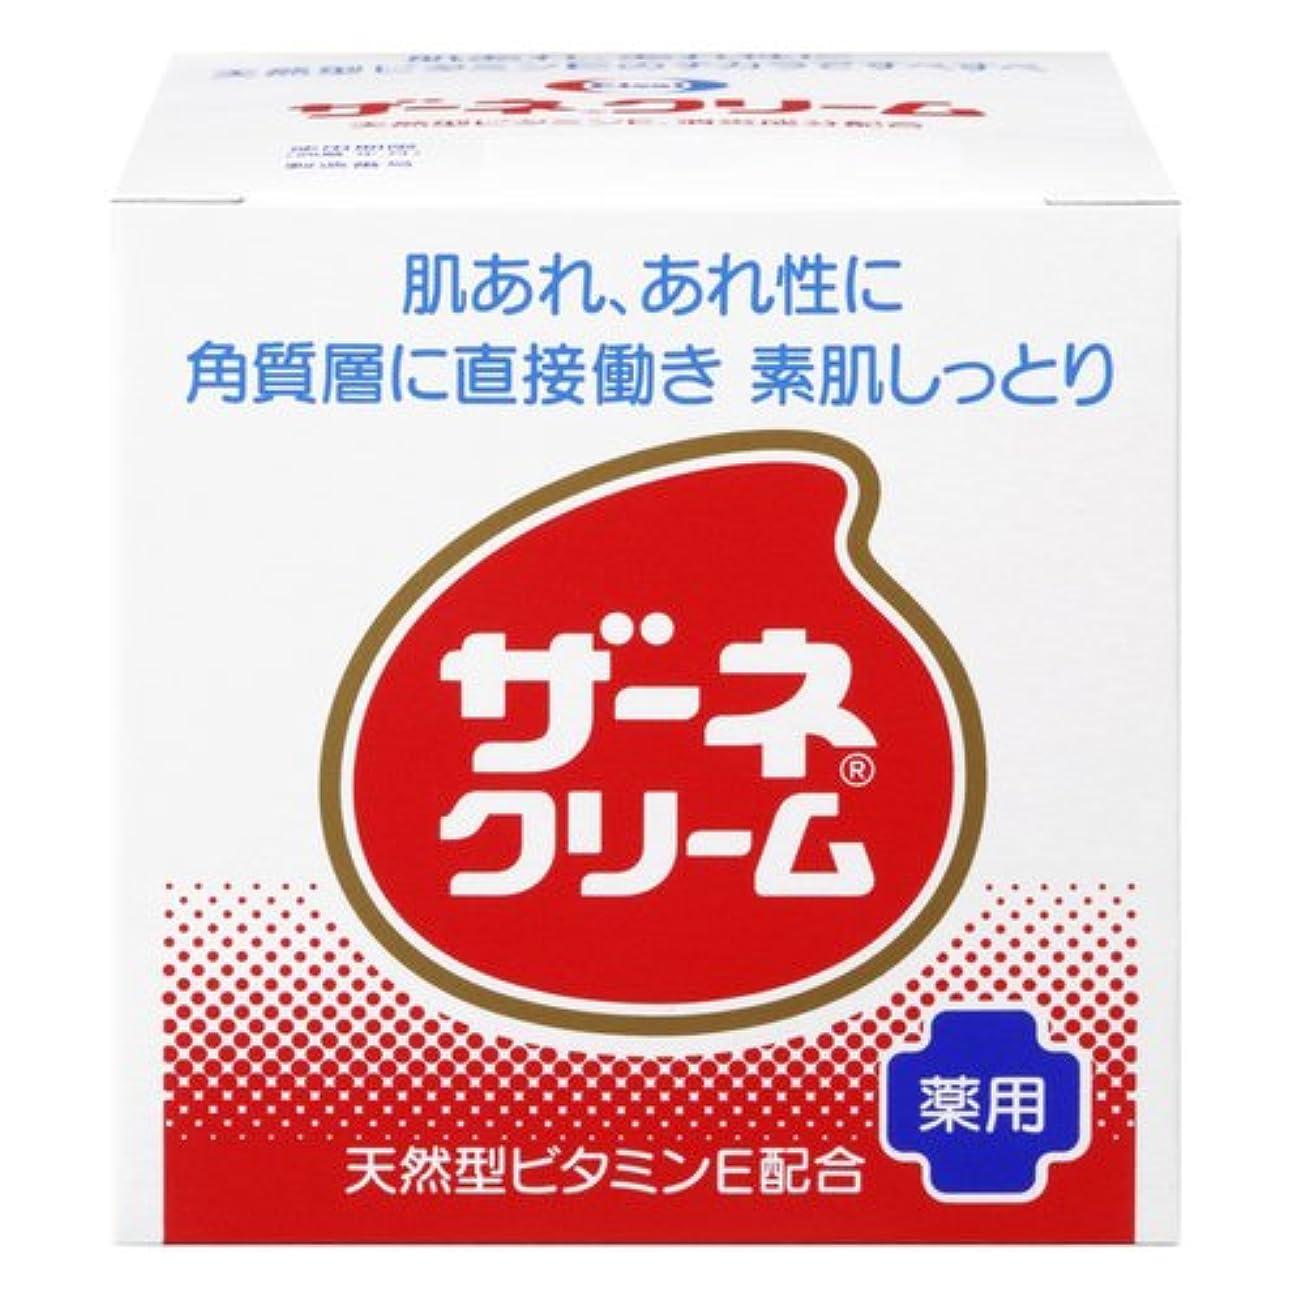 エッセイ消費クマノミザーネクリーム 115g [ヘルスケア&ケア用品]